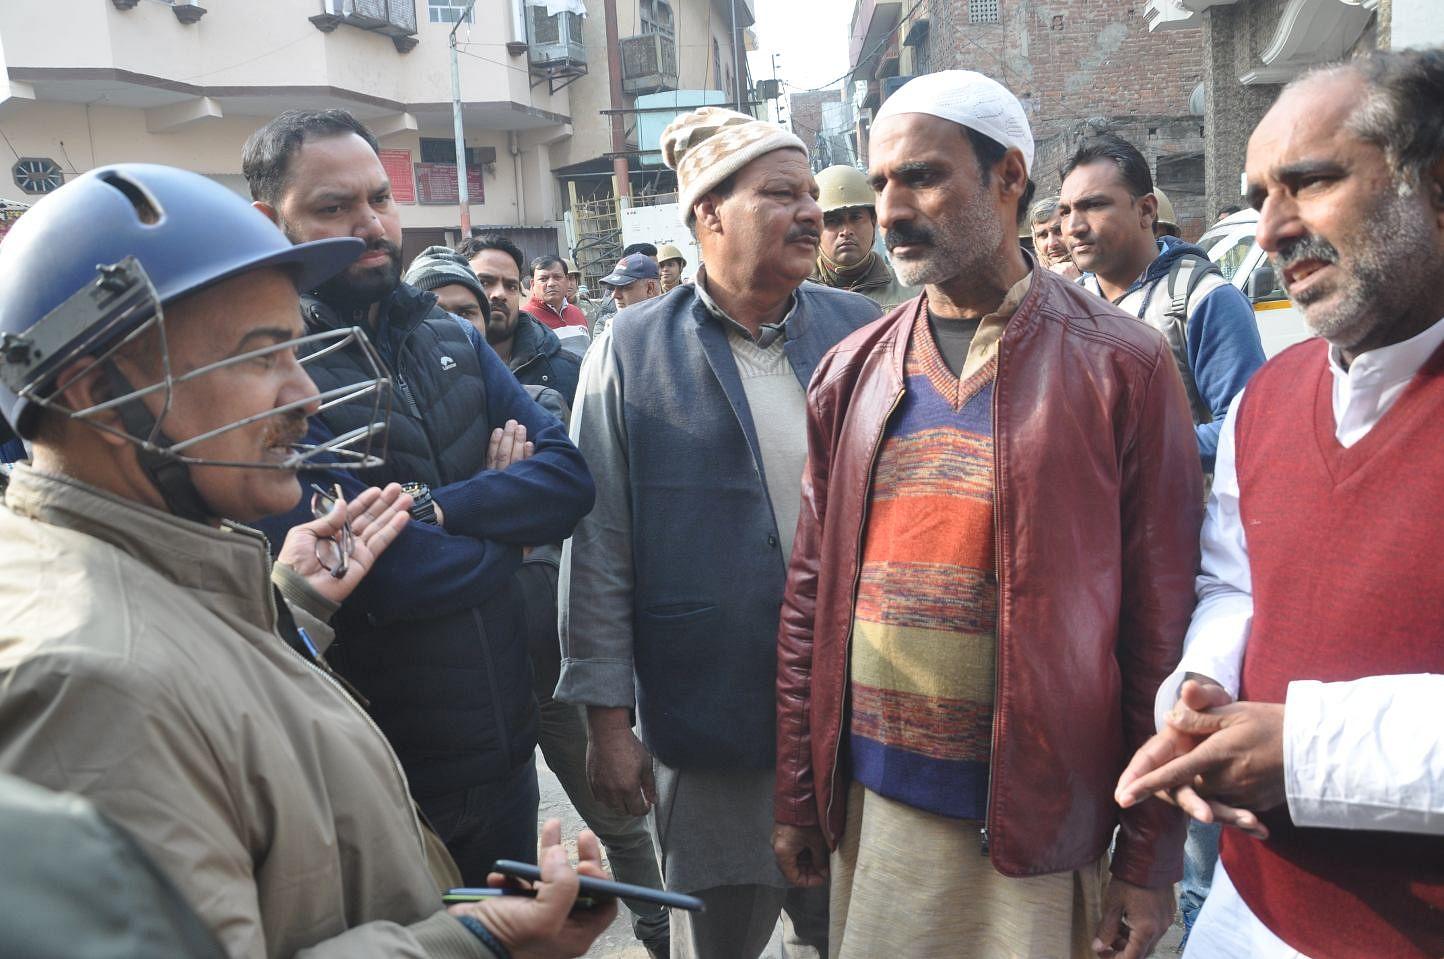 शामली स्थित आजाद चौक में मुस्लिम नेताओं से वार्ता करते एडीएम और एएसपी।